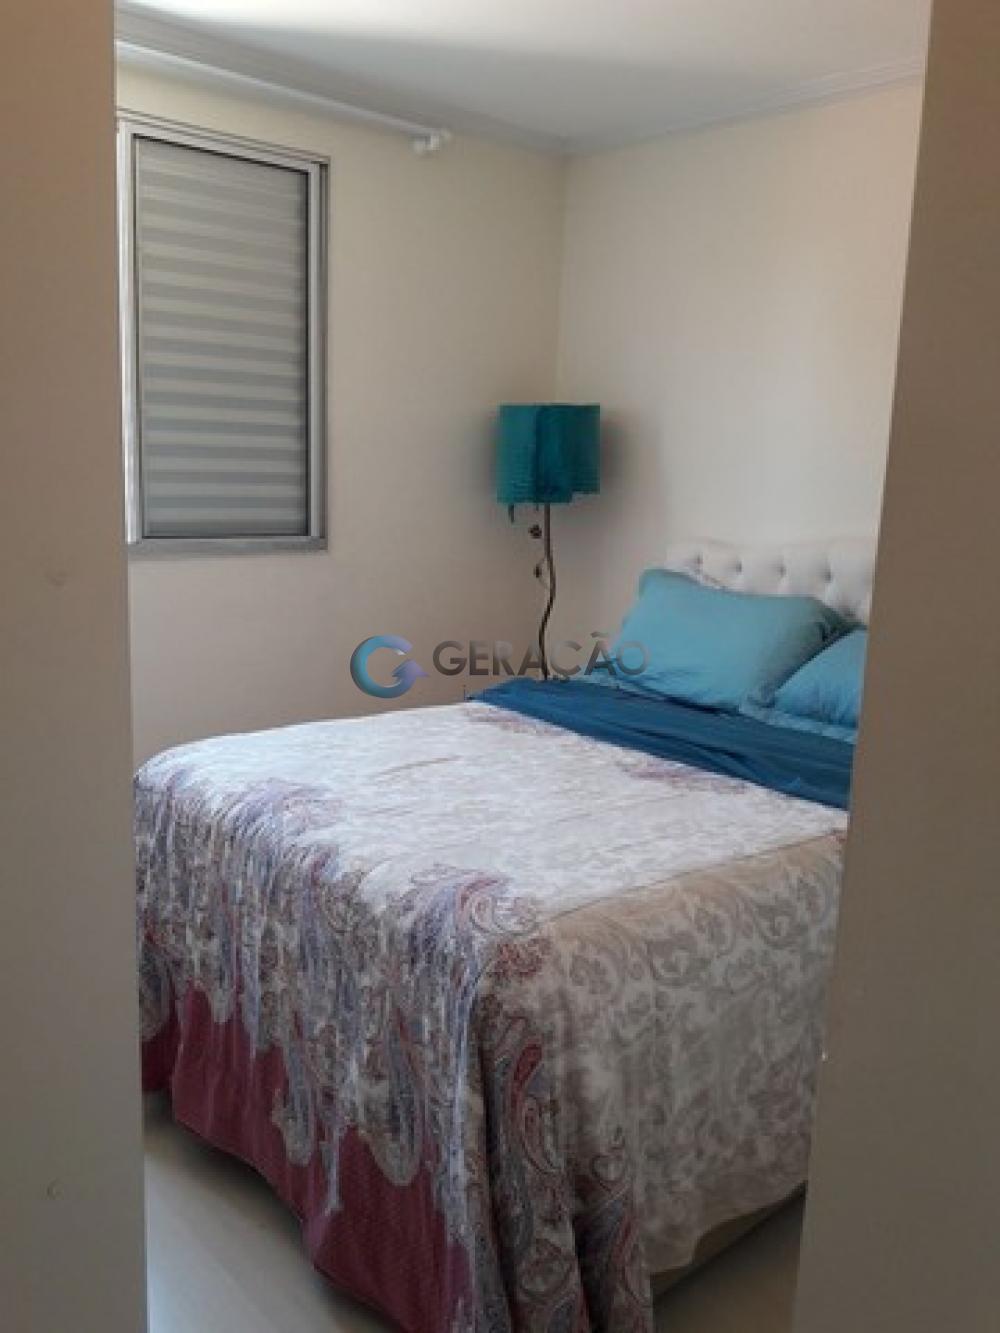 Comprar Apartamento / Padrão em São José dos Campos R$ 187.000,00 - Foto 6